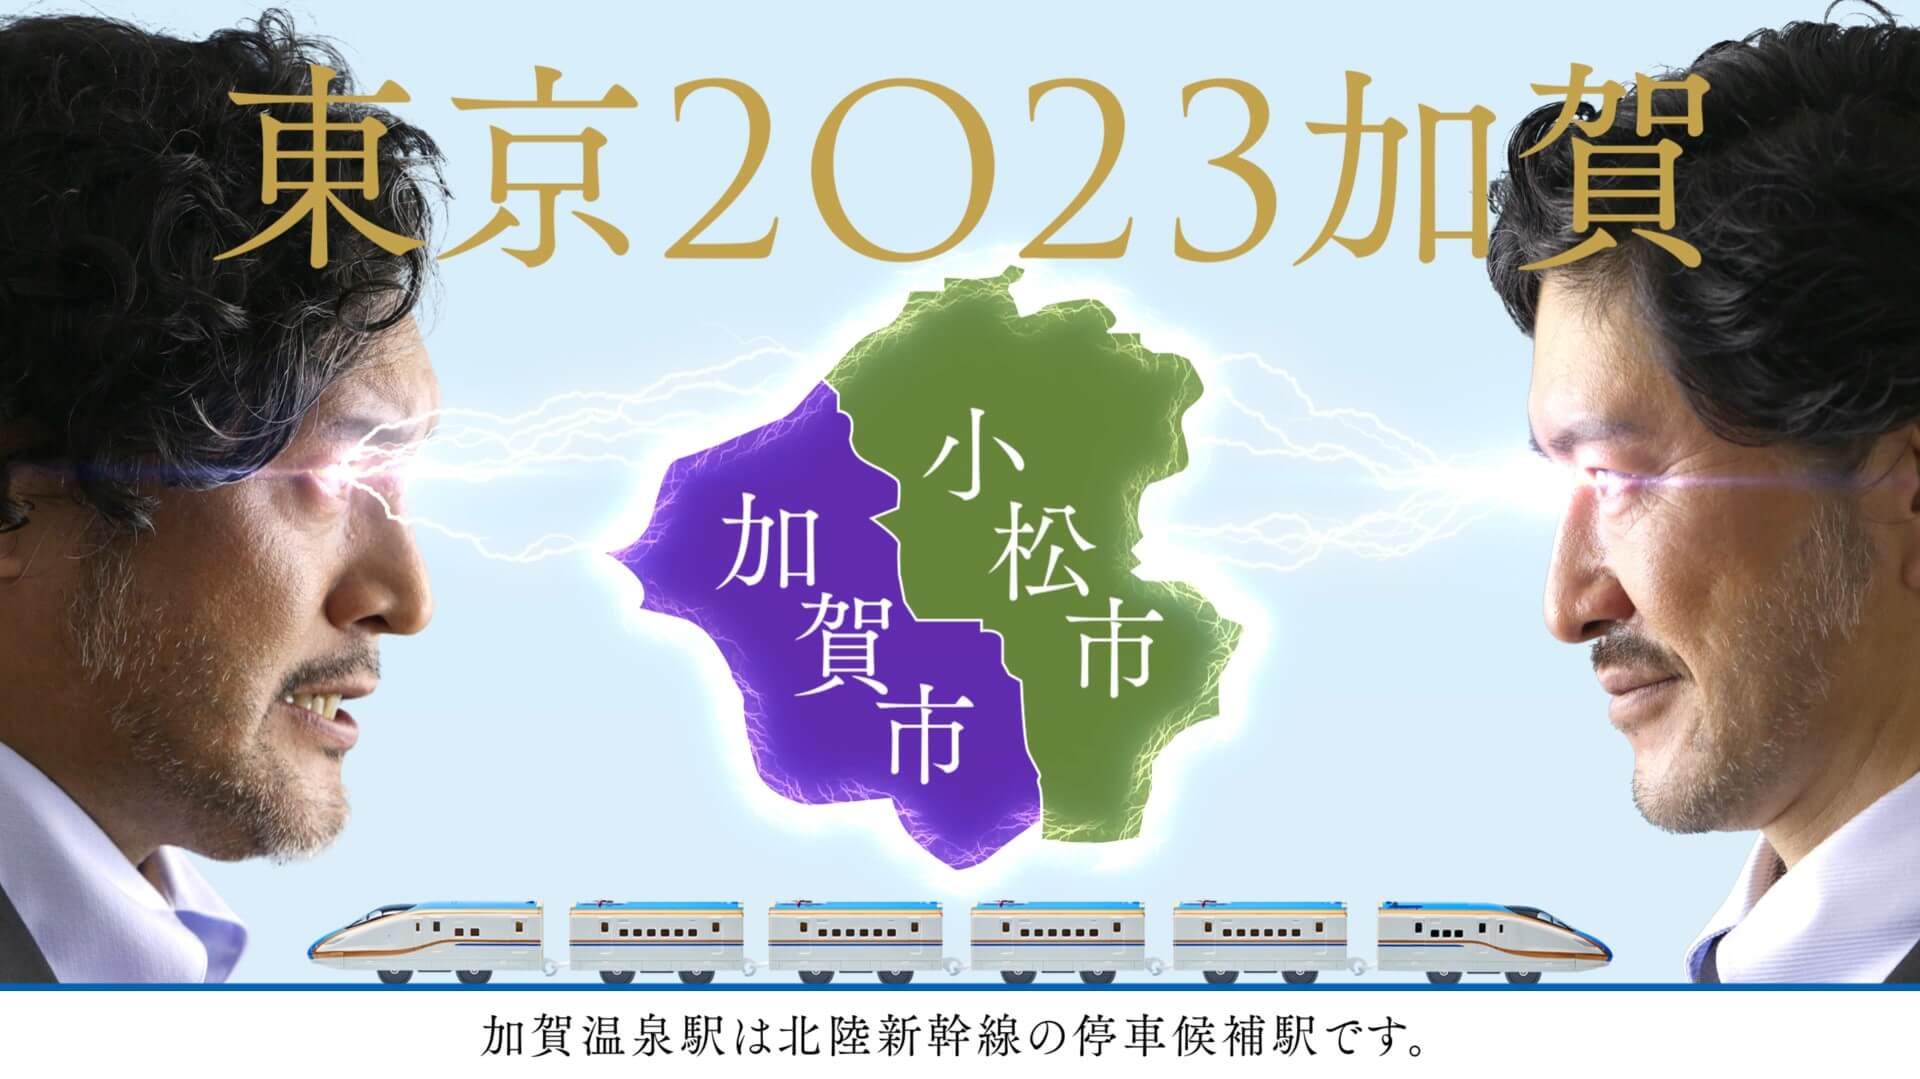 加賀 VS 小松 北陸新幹線の停車駅をめぐる戦いの行方は!?新幹線誘致プロジェクト「加賀市新幹線対策室 Season2」がまたまた面白い!